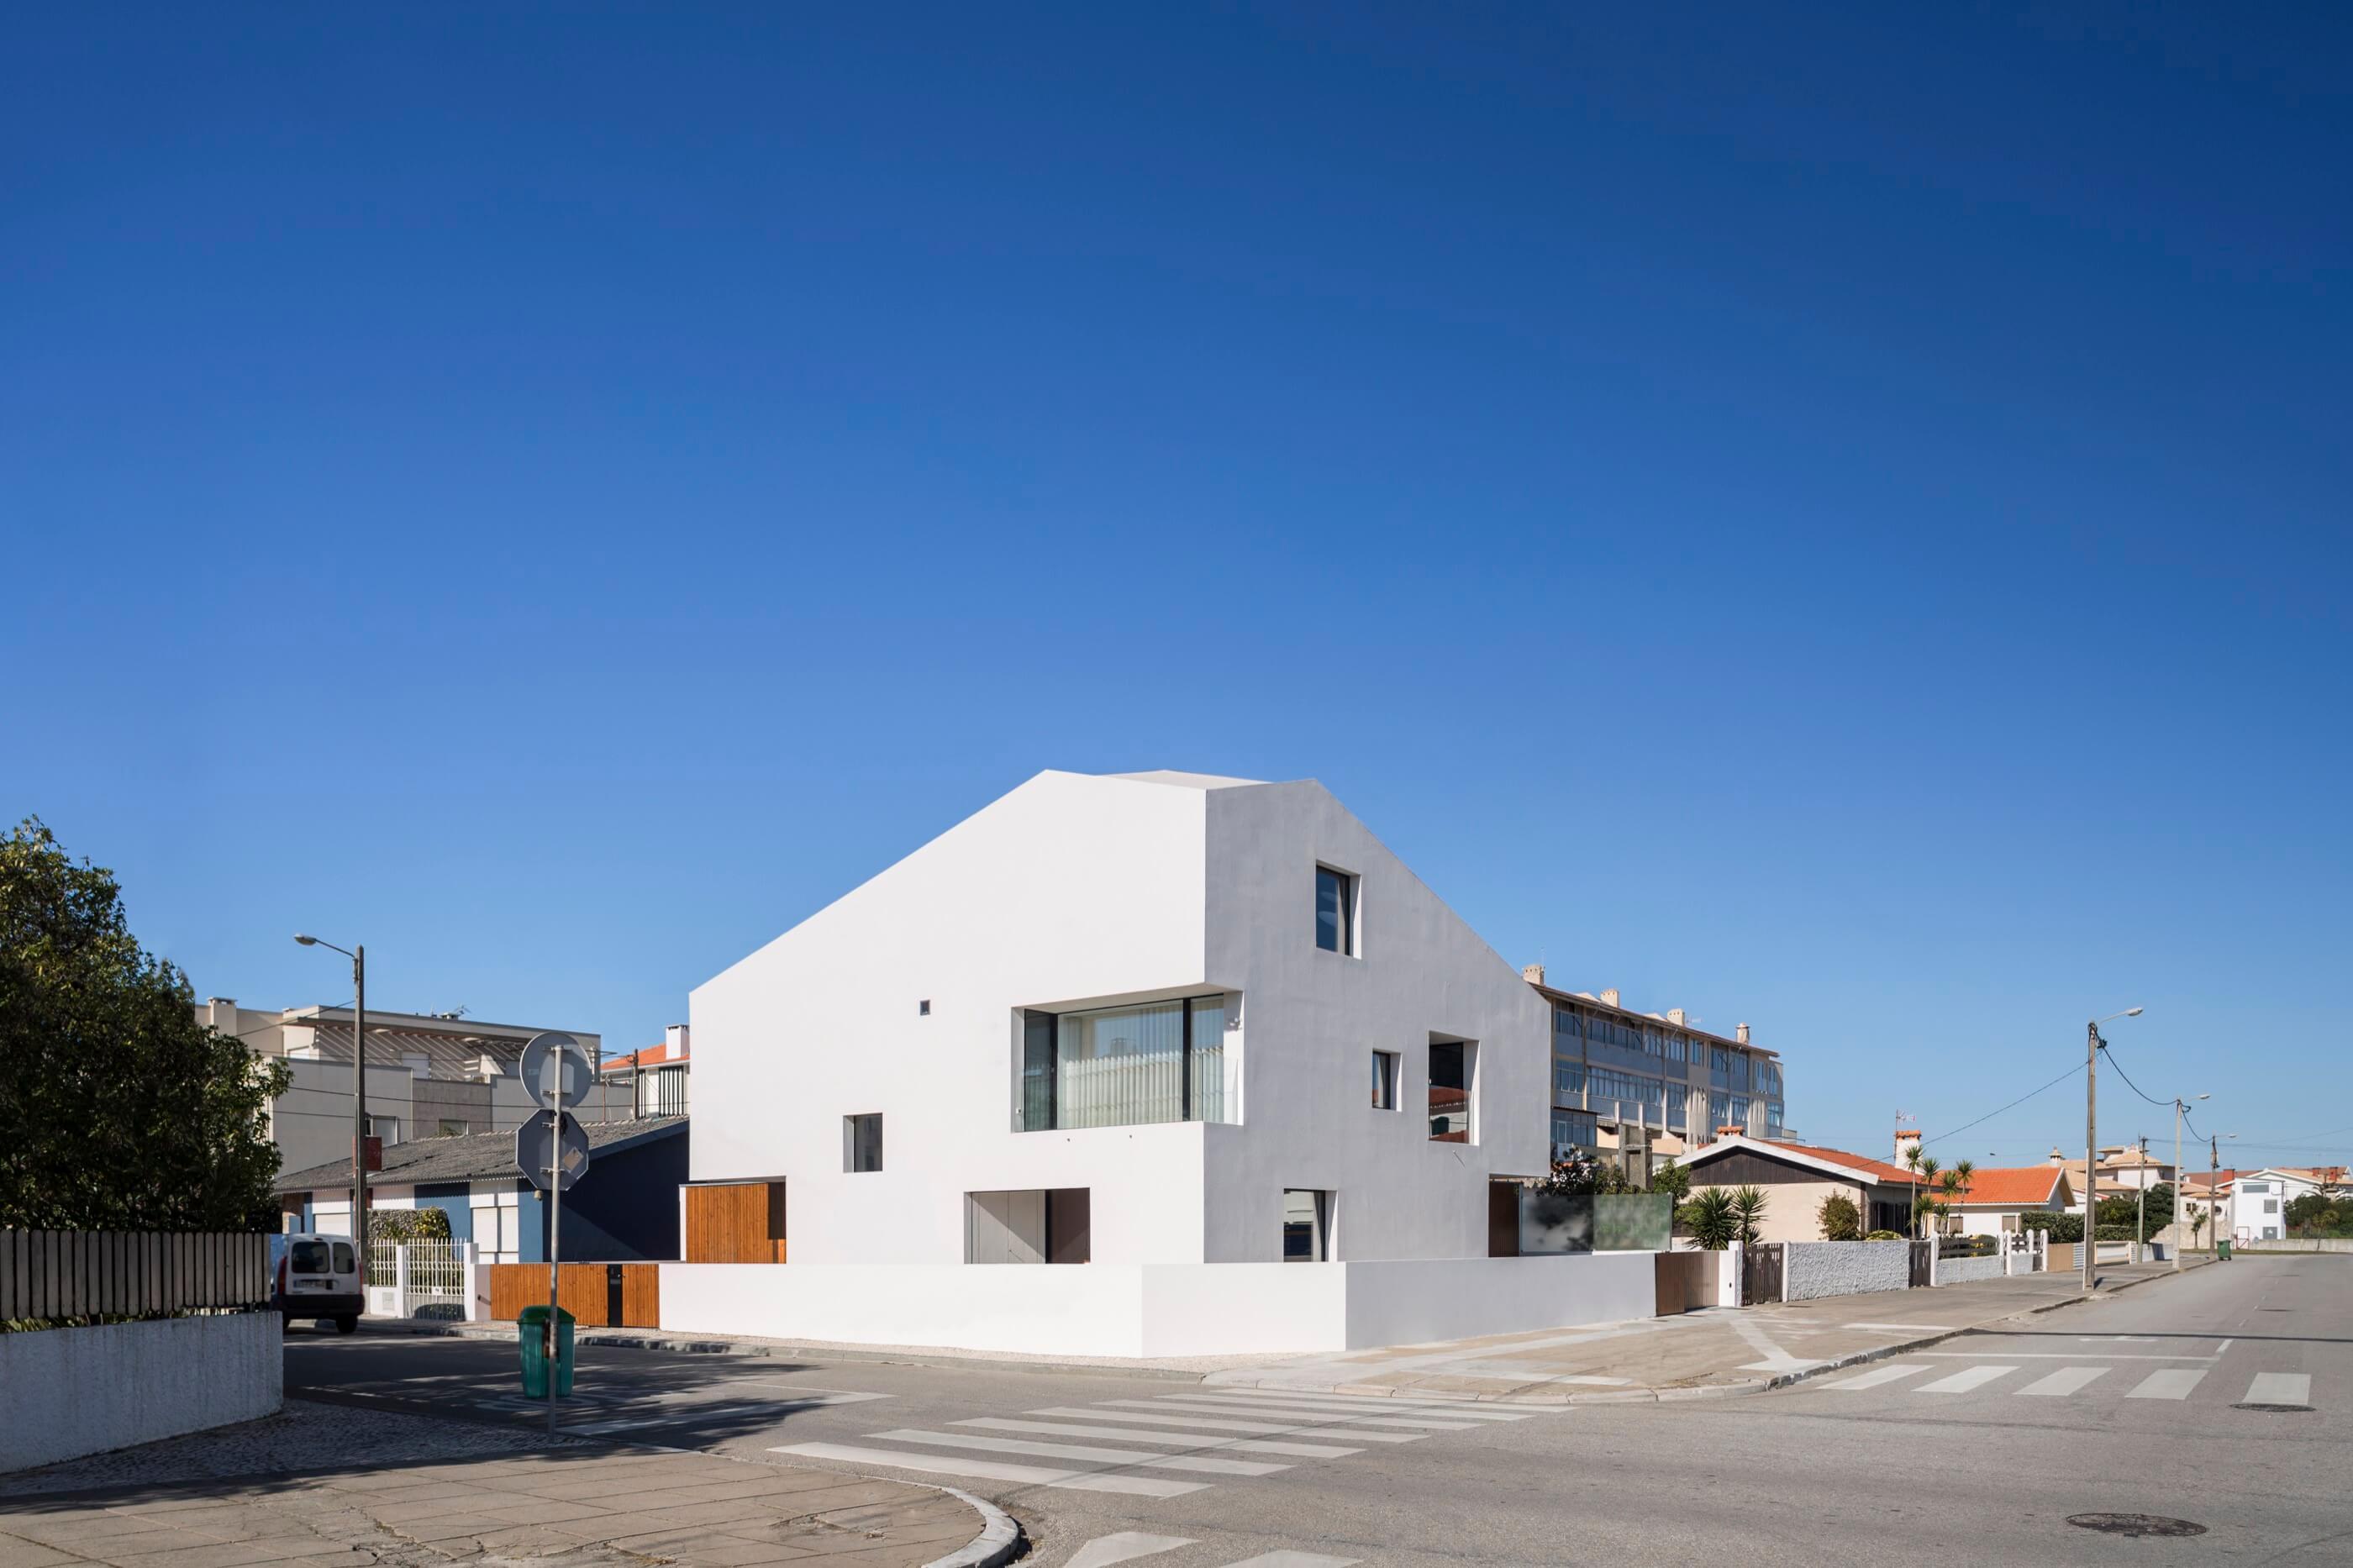 Arquitecto Lousinha Casa Fontes 23 do fotografo Ivo Tavares Studio